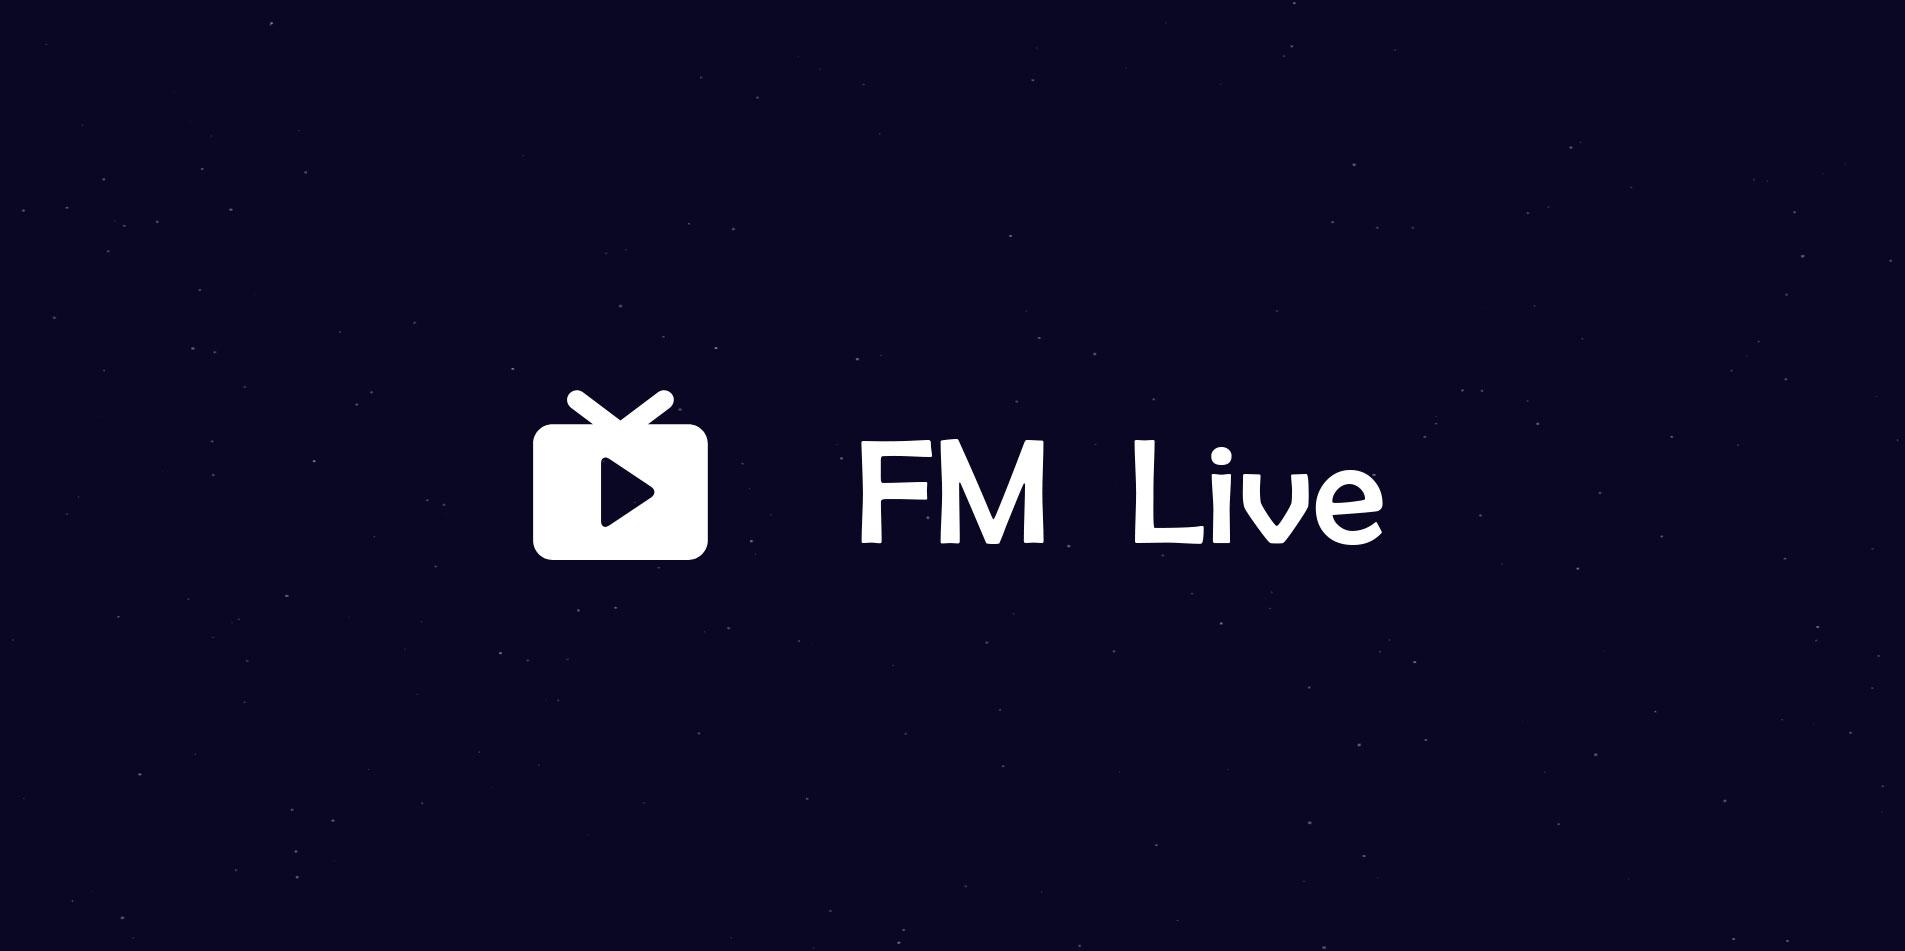 24小时音乐直播频道